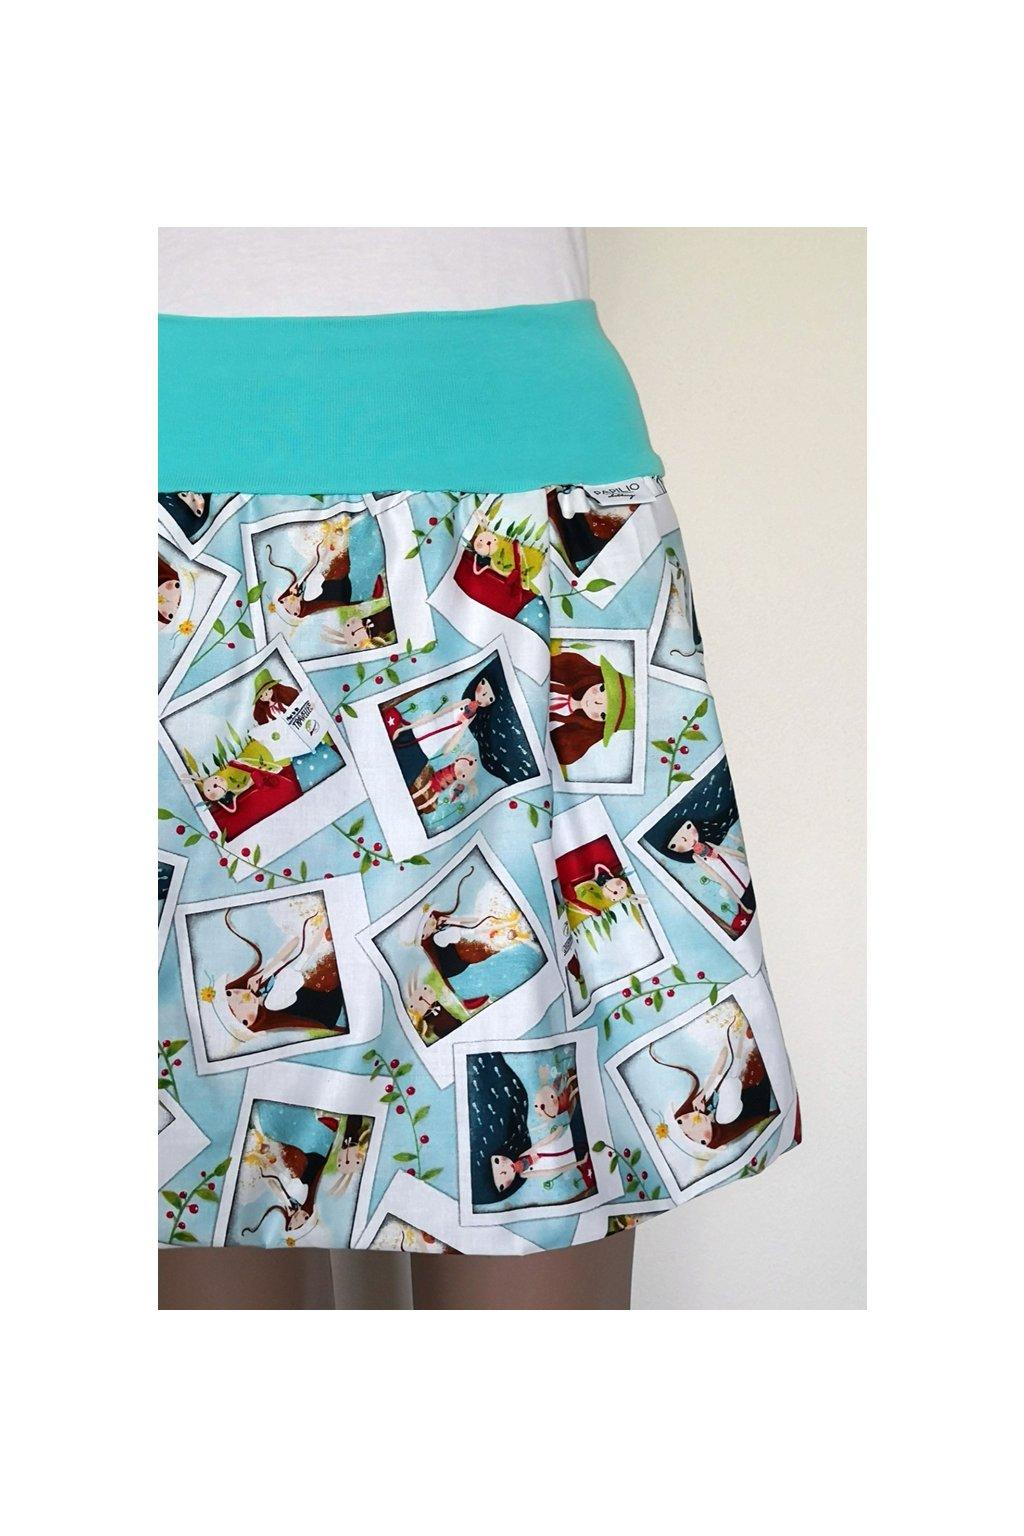 SLADEM - Balonová sukně Pohledy z cest, velikost S-M, délka 43 cm, kapsy ve švu | plátno